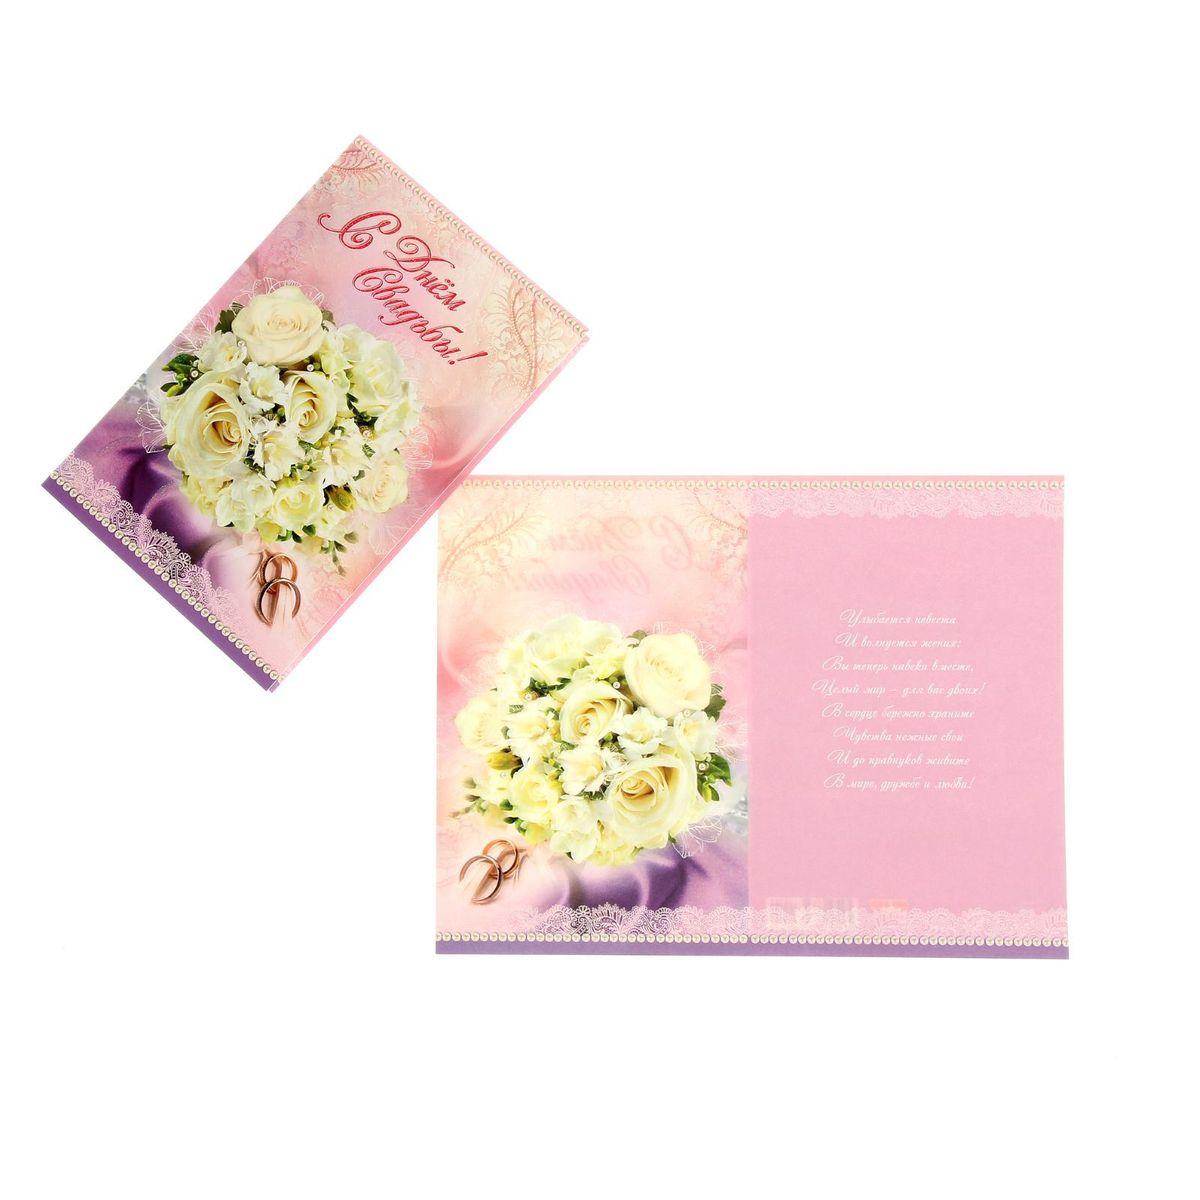 Открытка Миленд С днем свадьбы! Белые розы1376714Если вы хотите порадовать себя или близких, создатьпраздничное настроение и с улыбкой провести памятный день,то вы, несомненно, сделали правильный выбор! ОткрыткаМиленд С днем свадьбы! Белые розы, выполненная изплотной бумаги, отличается не только оригинальнымдизайном, но и высоким качеством. Лицевая сторона изделия оформлена ярким изображением. Внутри открыткасодержит текст споздравлением. Такая открытка непременно порадует получателя и станетотличным напоминанием о проведенном вместе времени.